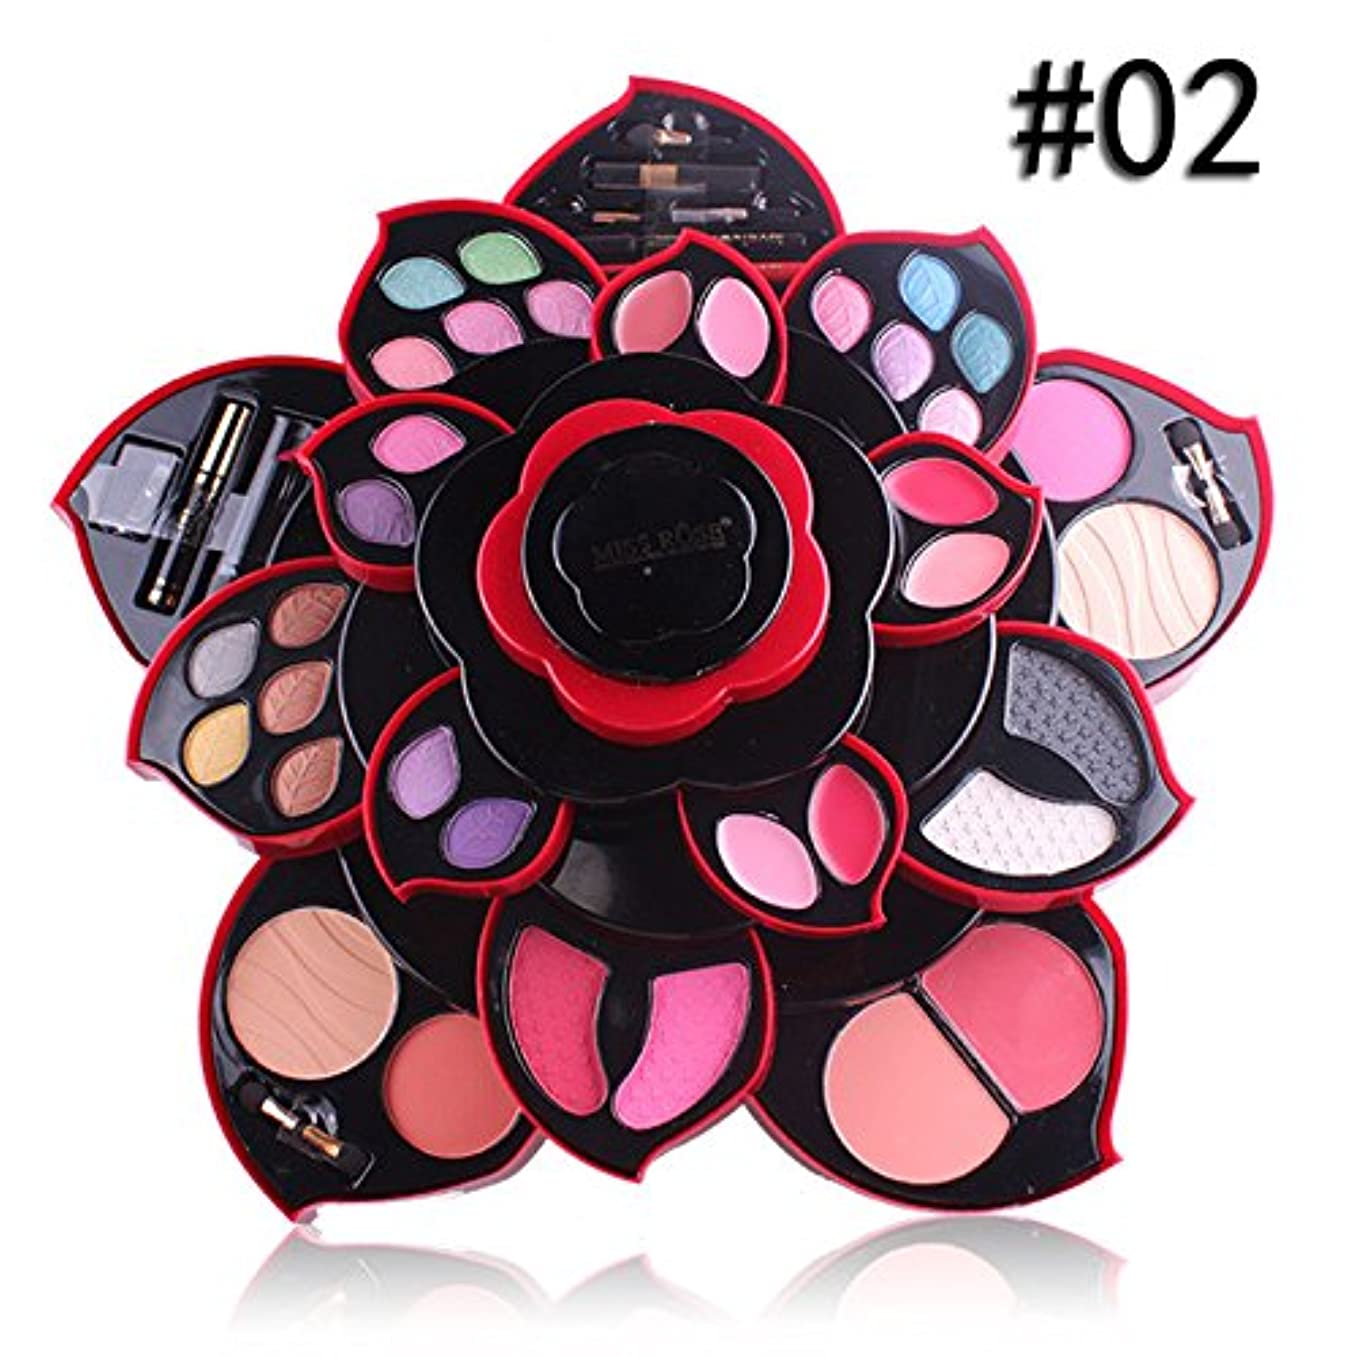 製造業むしゃむしゃぐったりビューティー アイシャドー BOBOGOJP アイシャドウセット ファッション 23色 梅の花デザイン メイクボックス 回転多機能化粧品 プロ化粧師 メイクの達人 プレゼント (B)